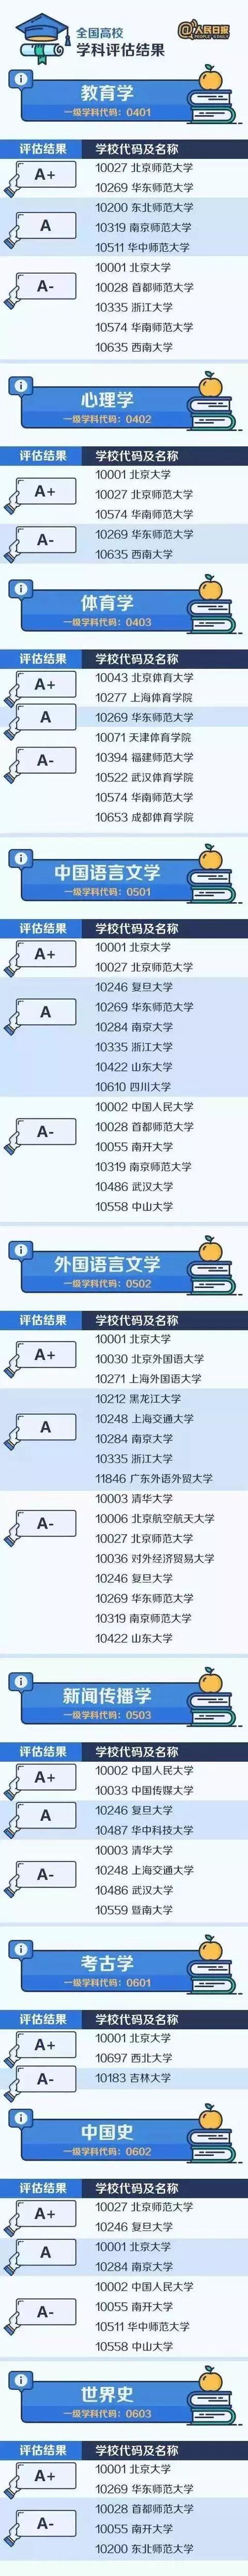 900641f7fa4d4a49b4848ae5f0e4a91e.jpeg